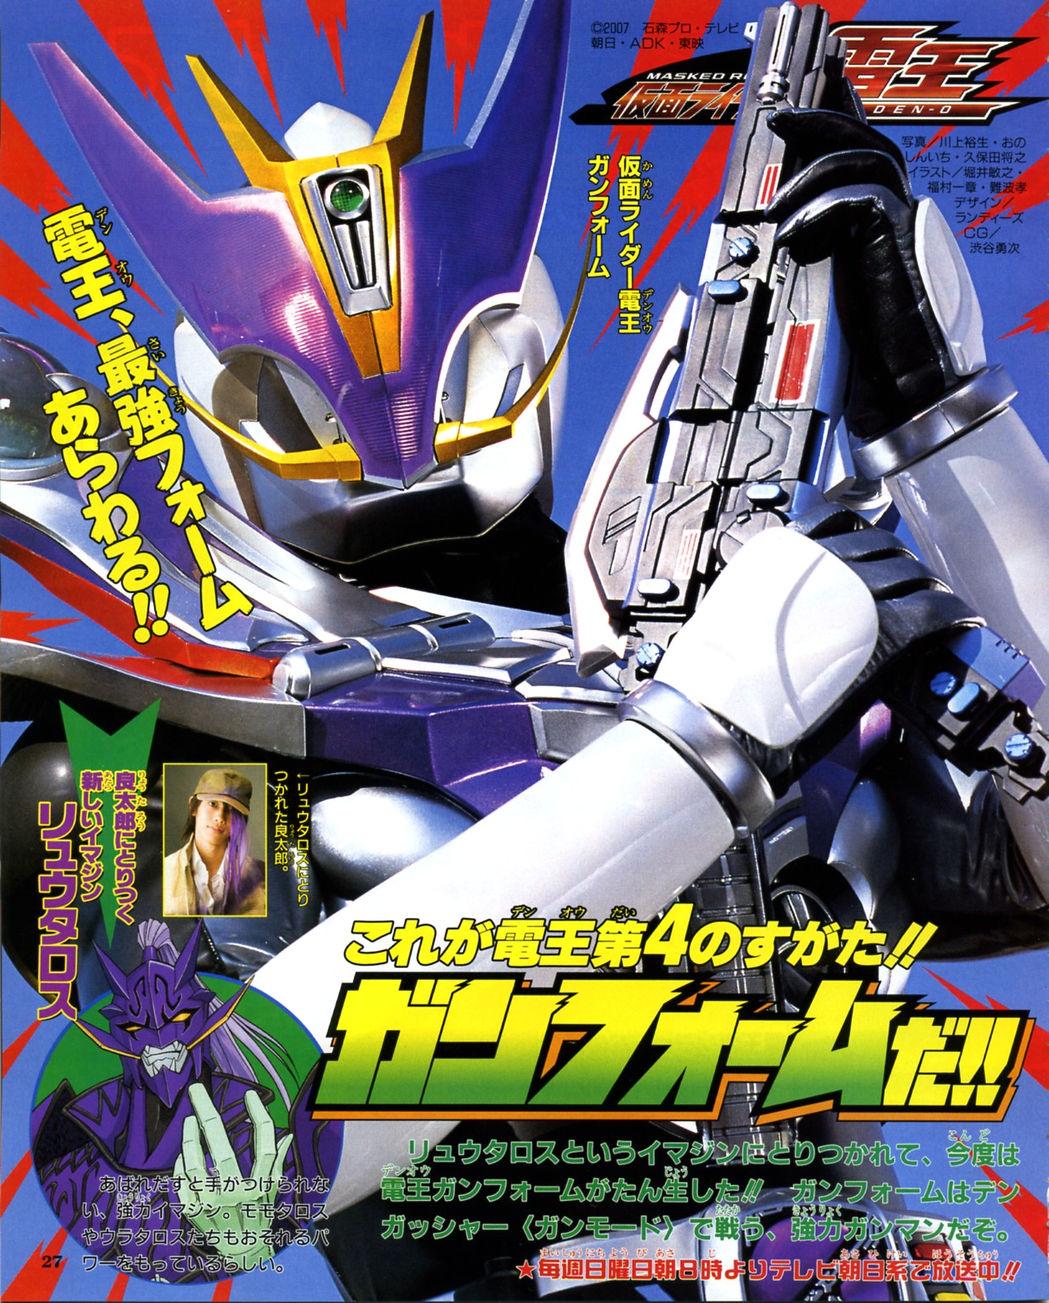 仮面ライダー電王の画像 p1_39